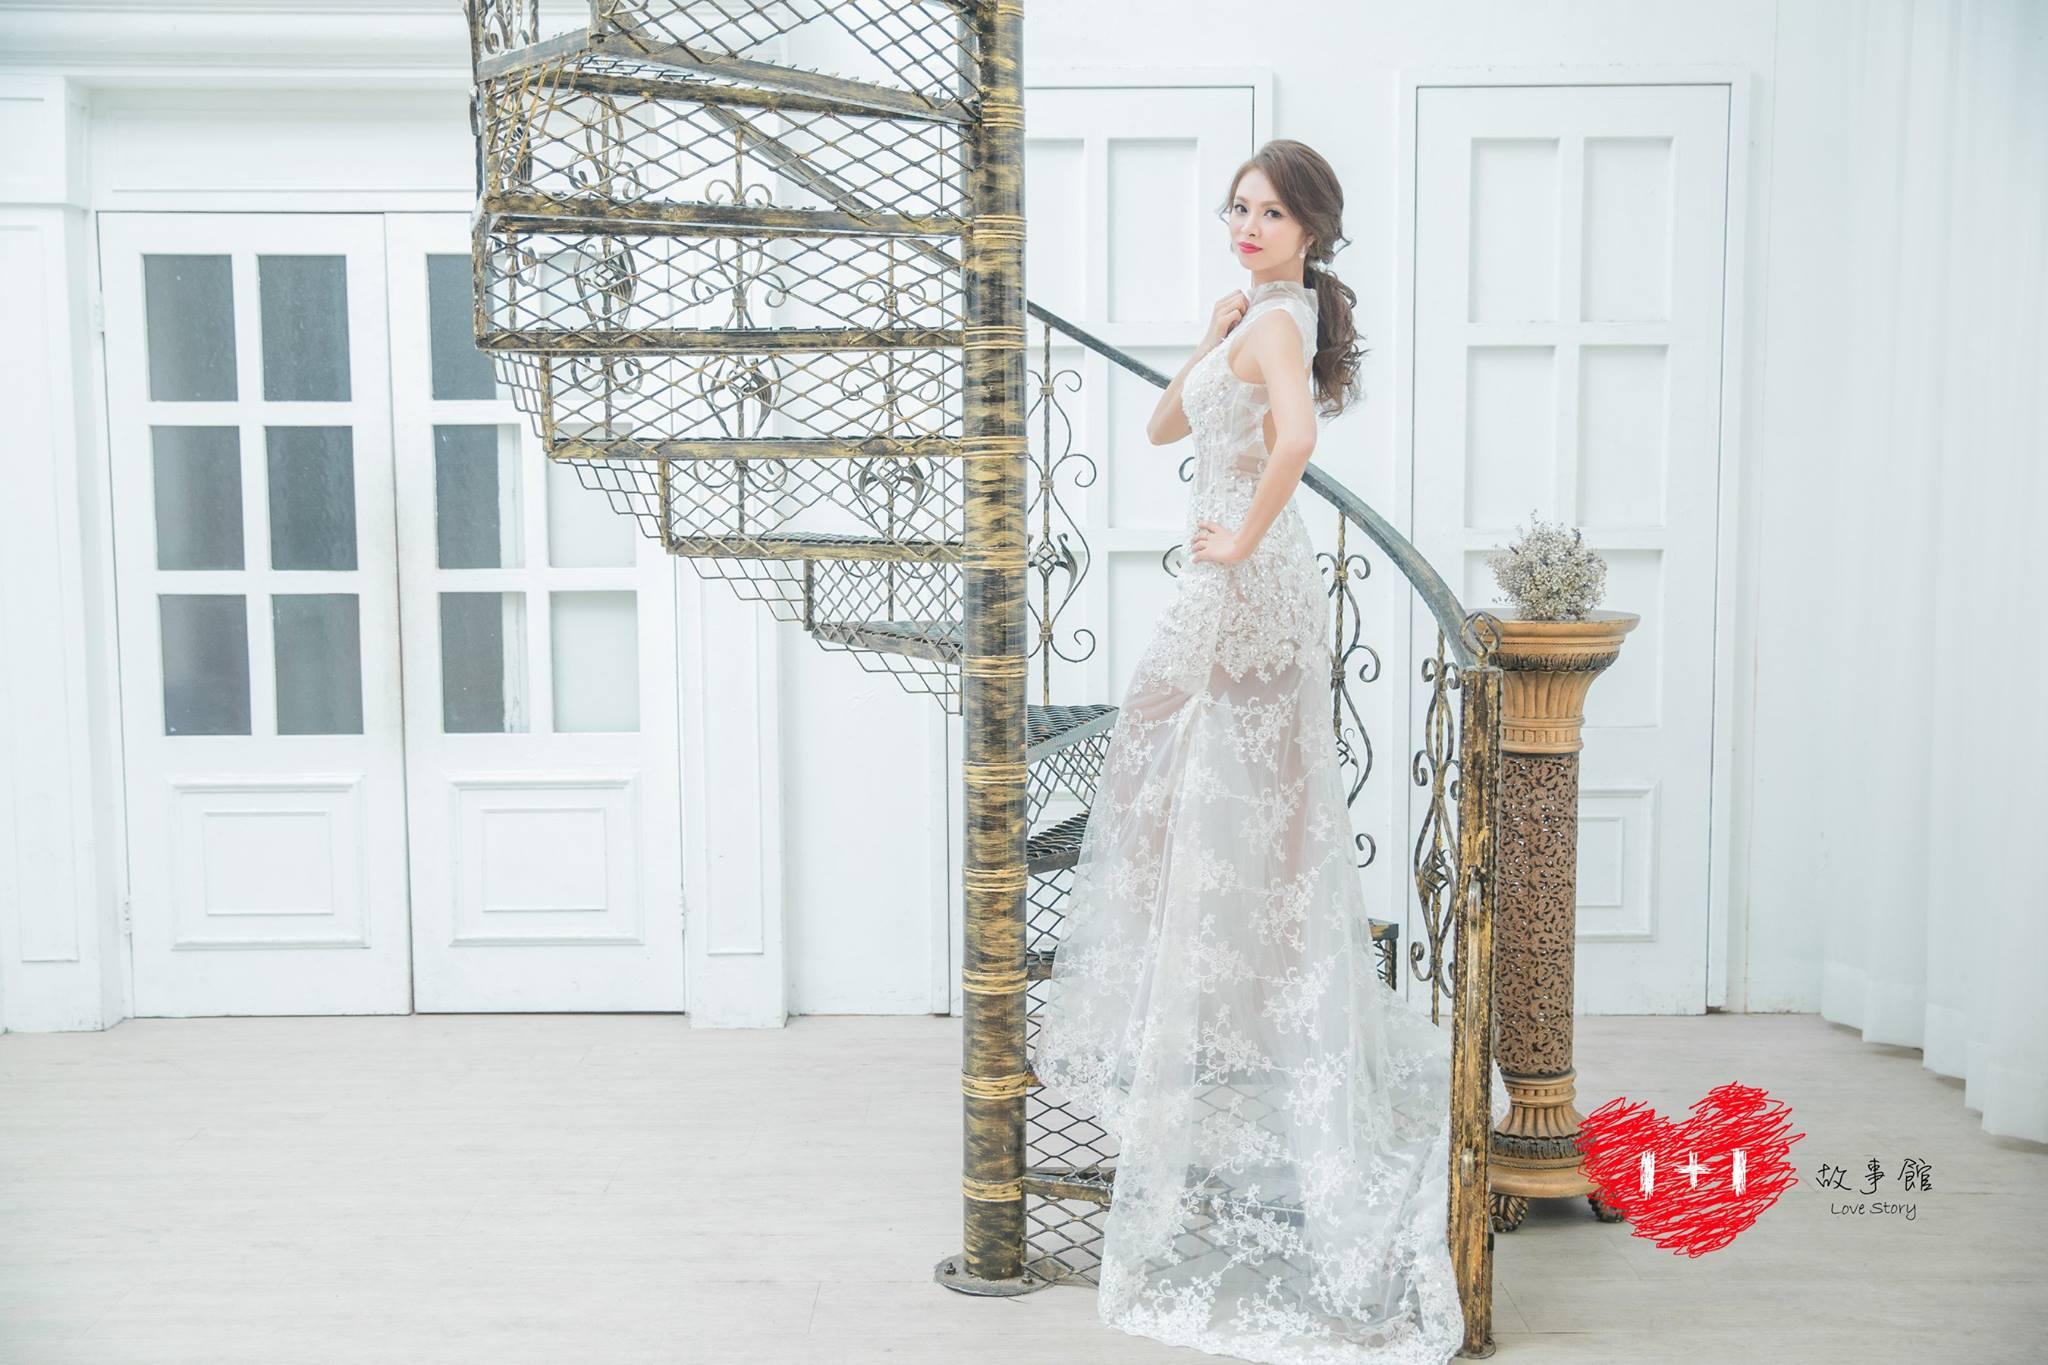 手工白紗,手工婚紗,類白紗洋裝,白紗造型2019,手工白紗訂製,類白紗推薦ptt